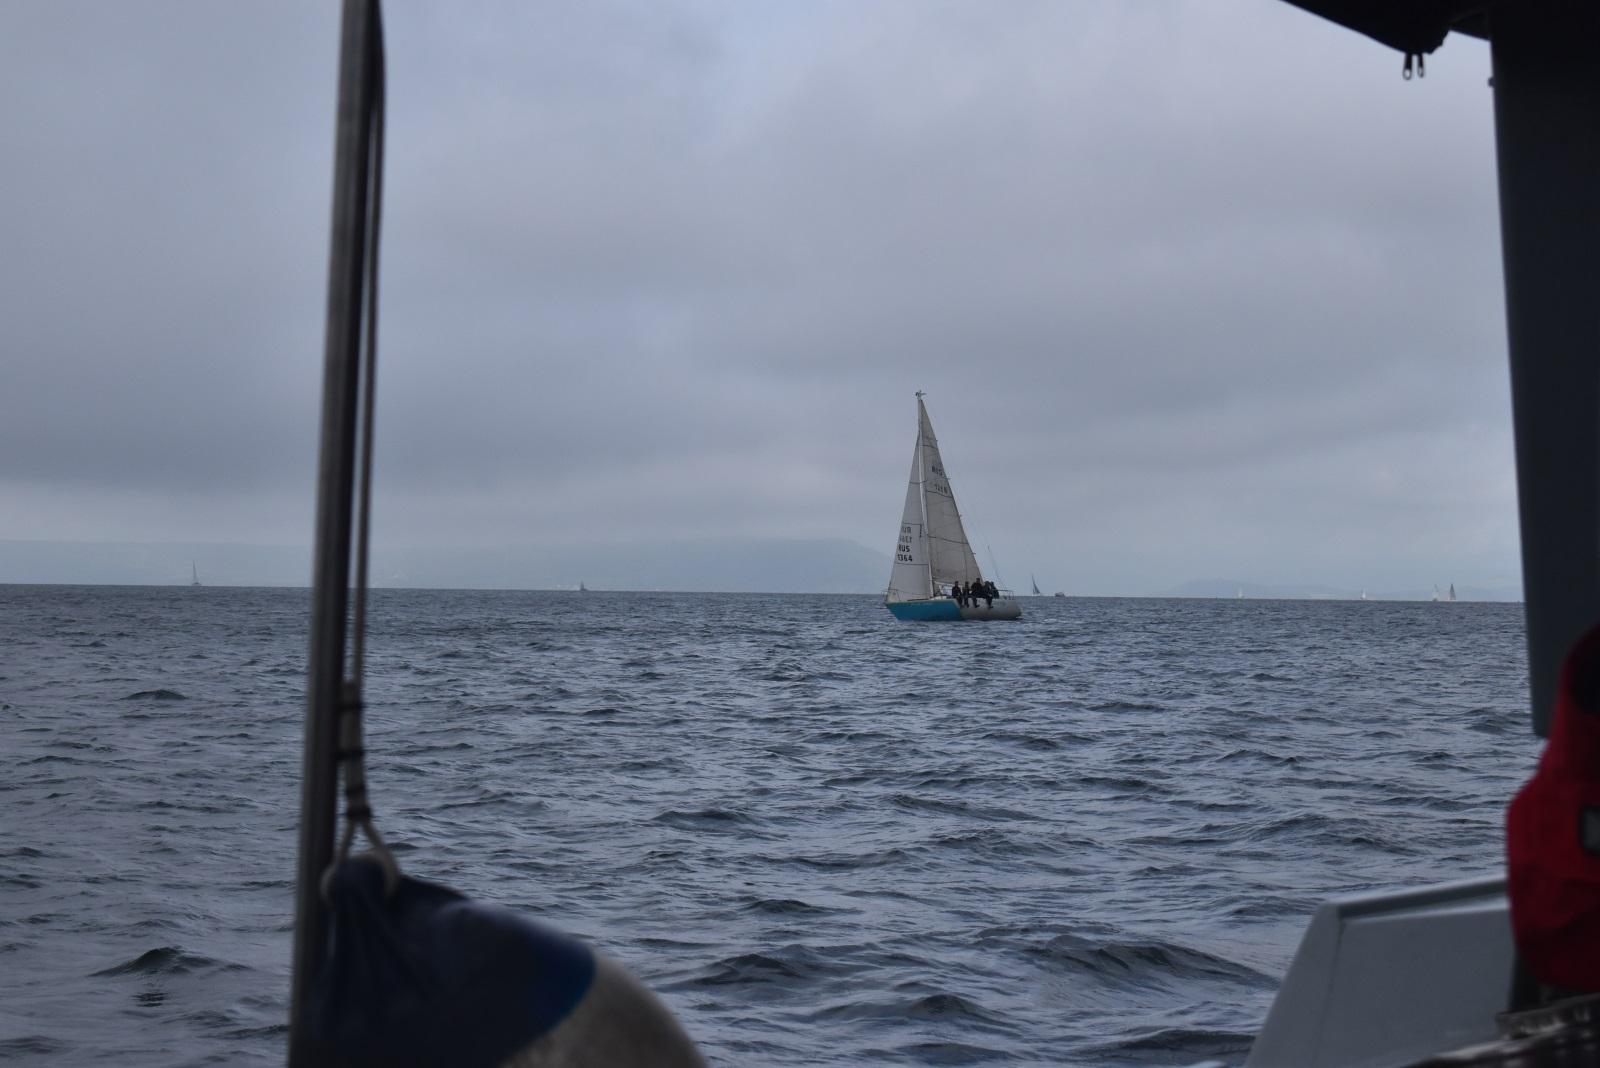 яхта спорт25 парус